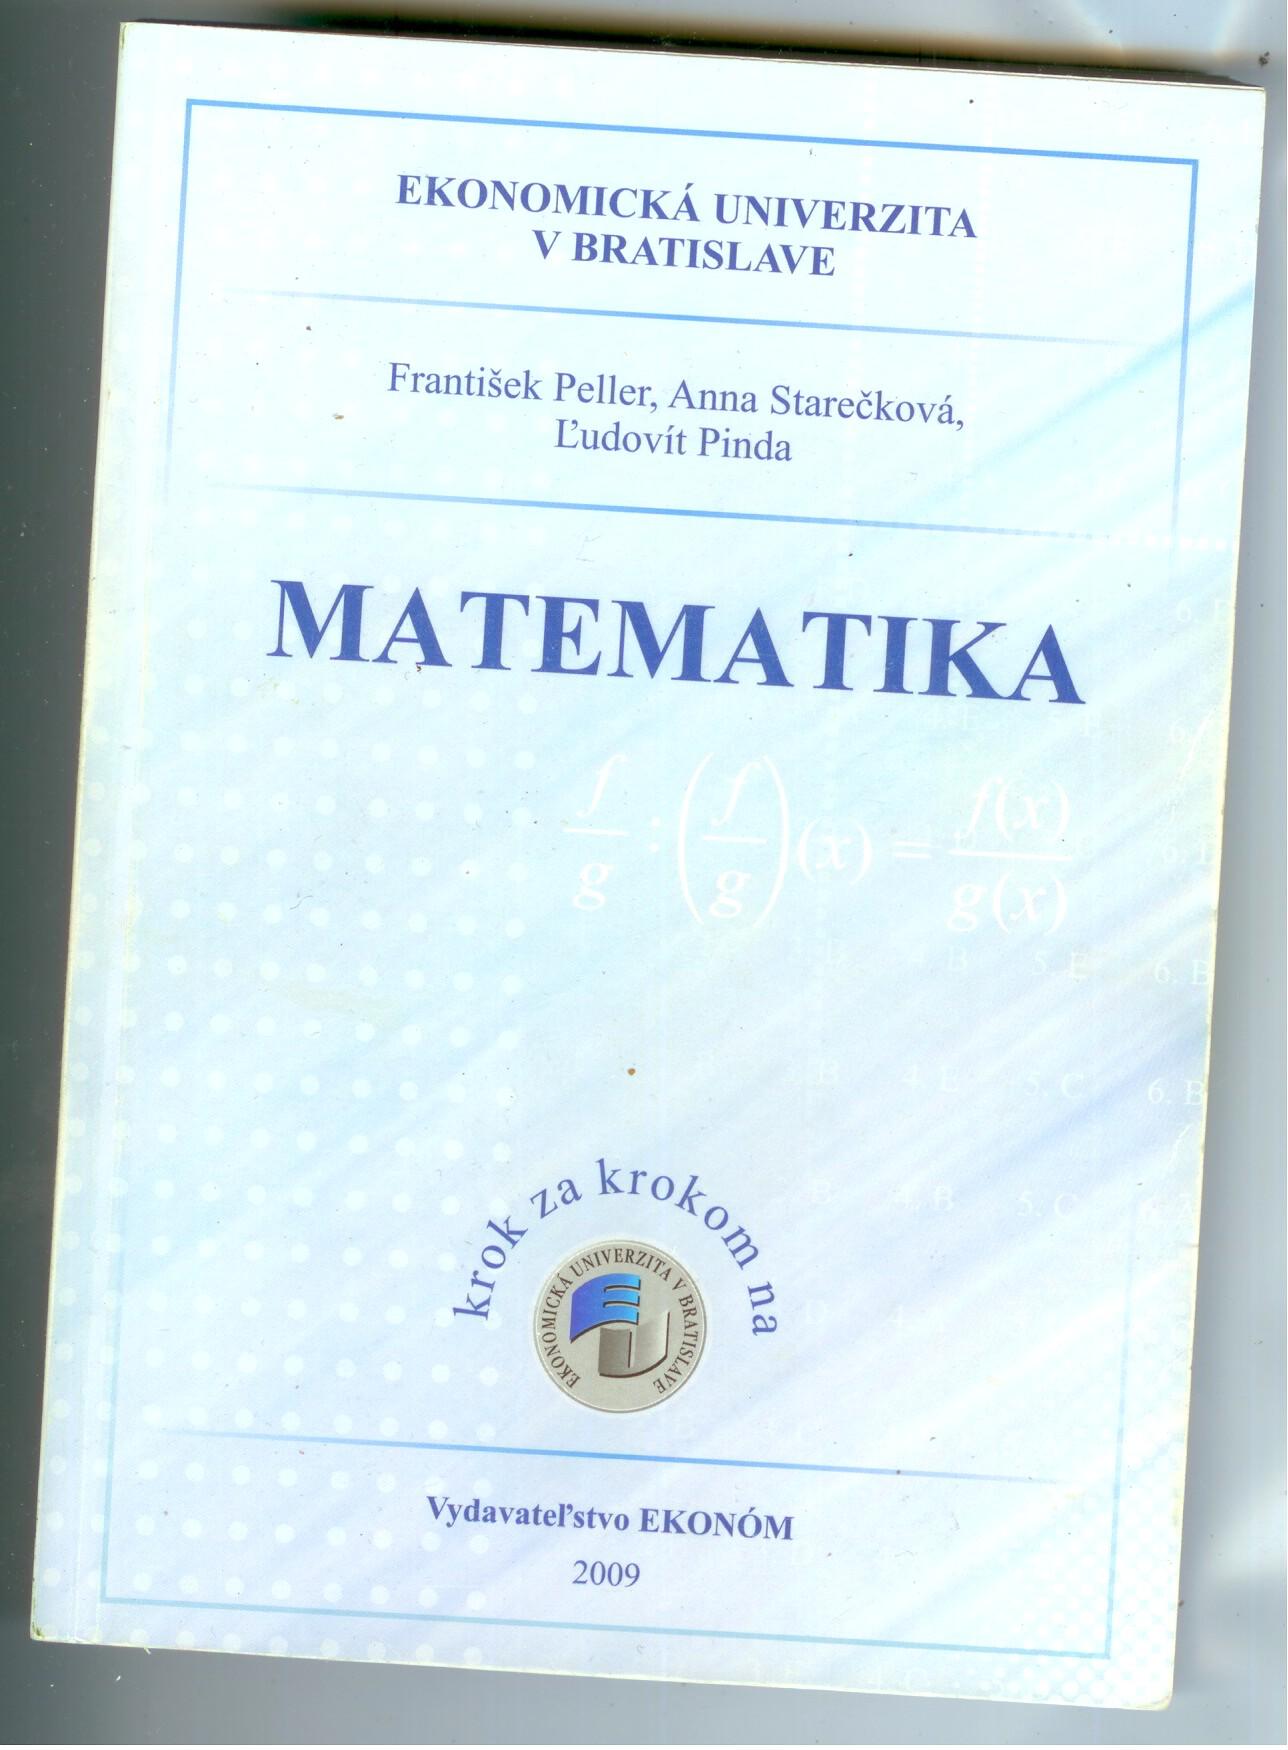 Matematika - František Peller, Anna Starečková, Ľudovít Pinda